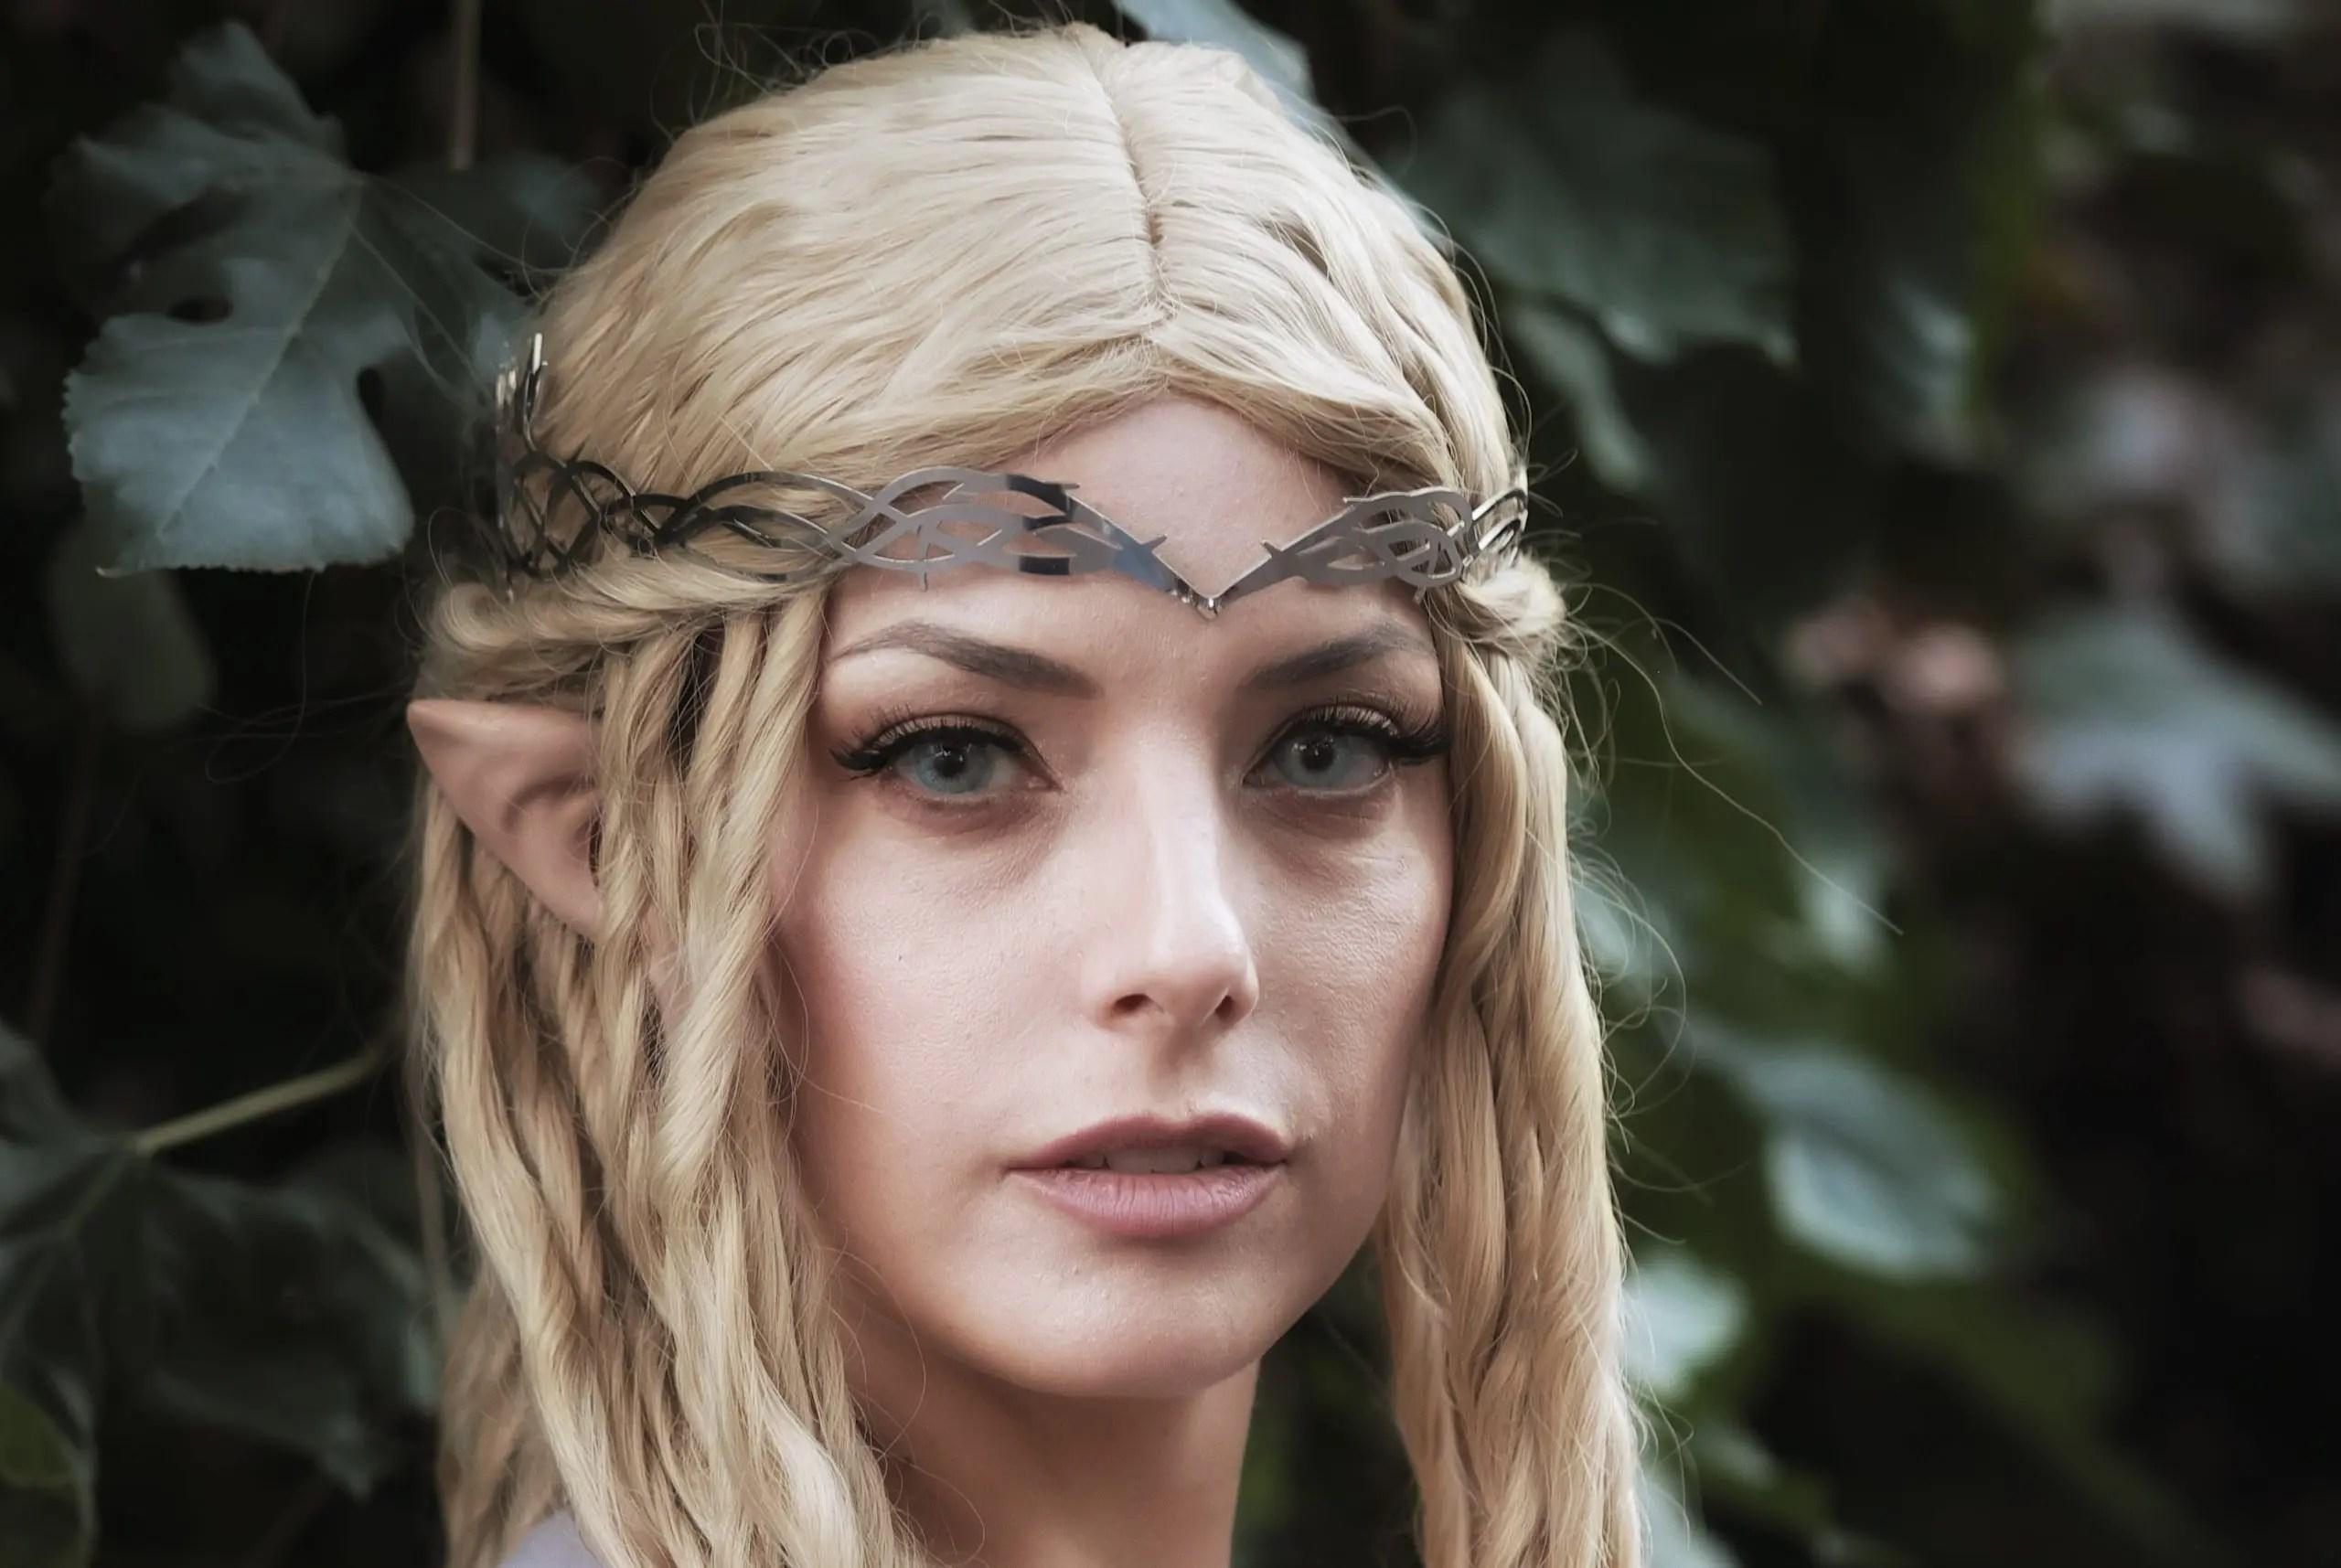 Un incantevole cosplay di Galadriel dalla celebre saga Il Signore degli Anelli!